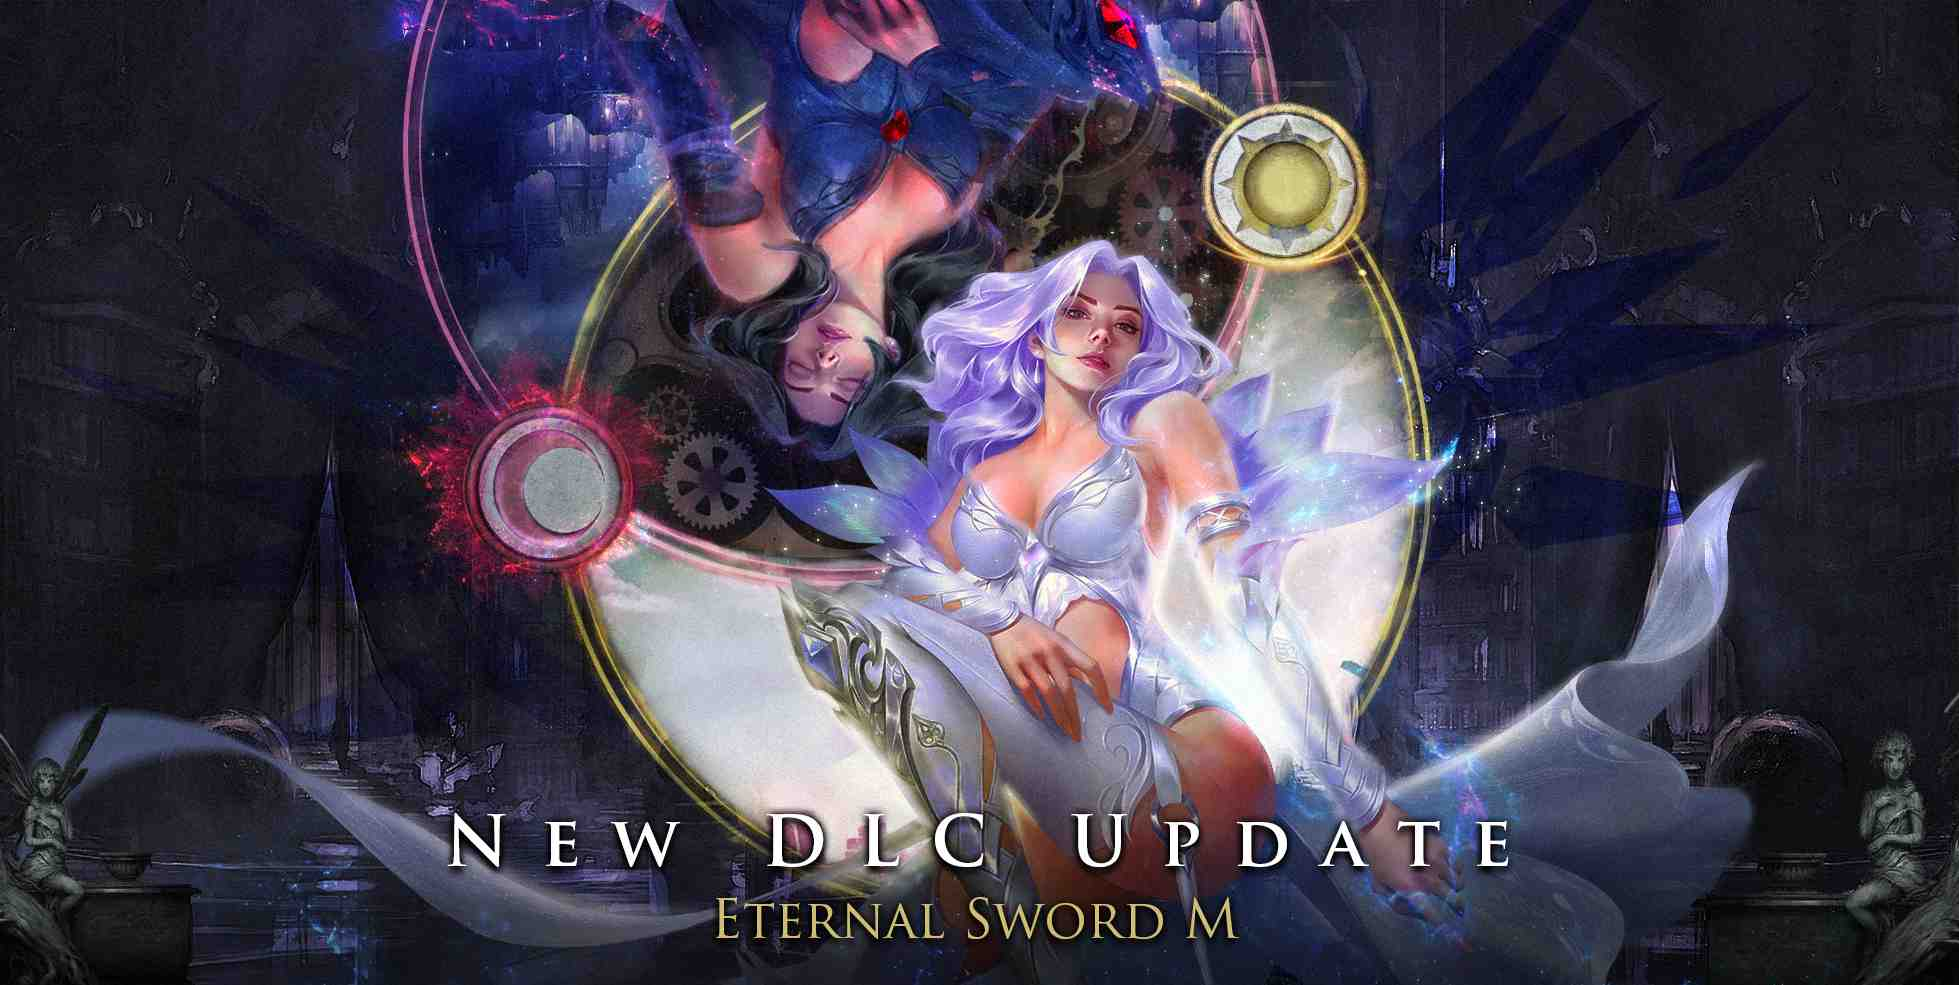 Eternal Sword M – New DLC Update: Mecha Era